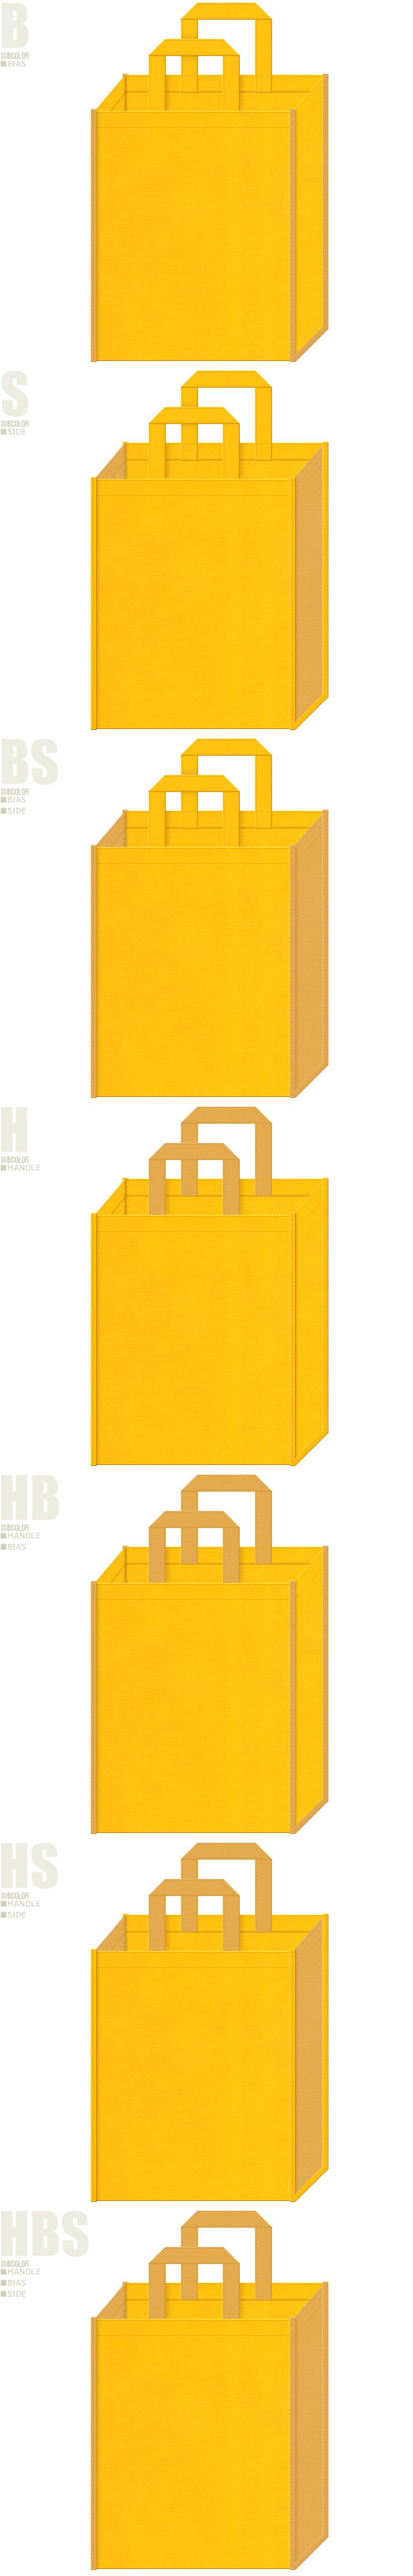 スイーツにお奨めの不織布バッグデザイン:黄色と黄土色の不織布バッグ配色7パターン。